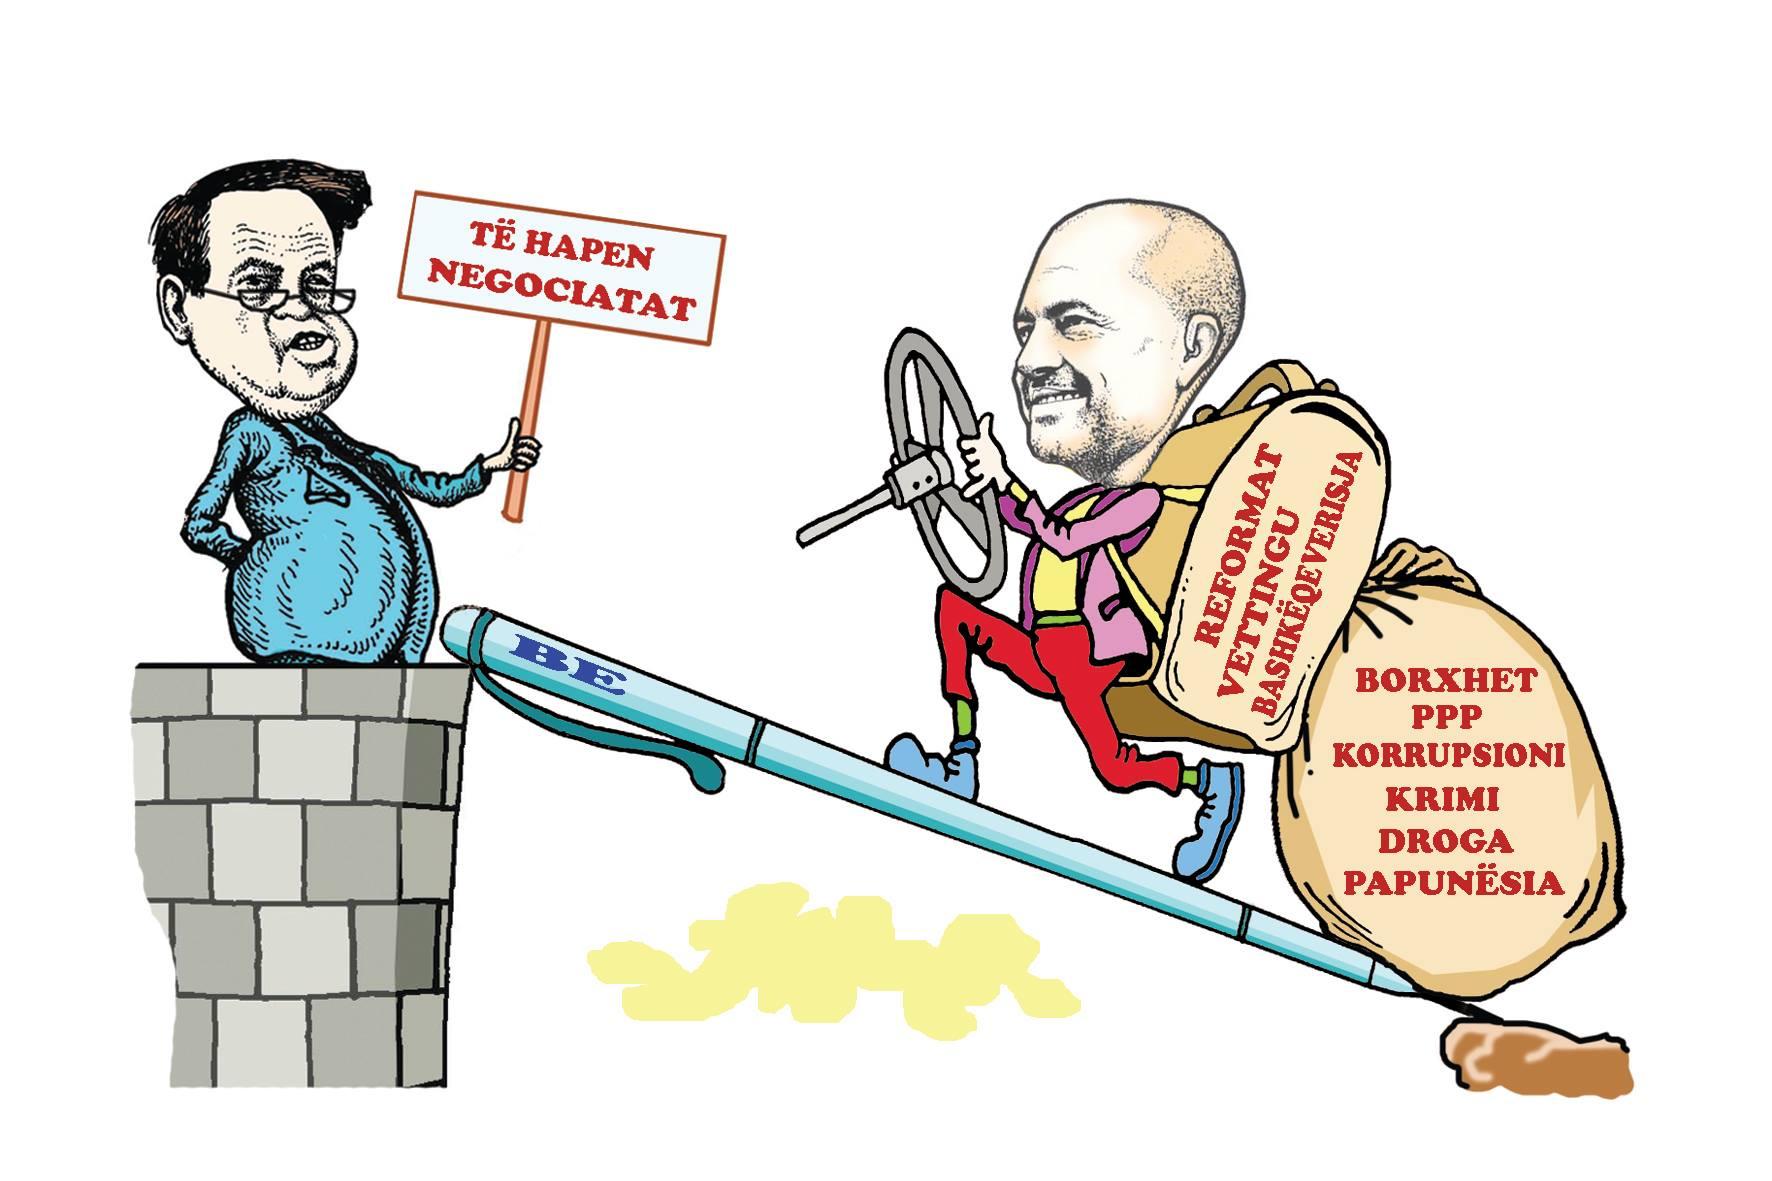 Karikatura e ditës në Albanian Free Press nga Kosta Raka (13 qershor 2018)